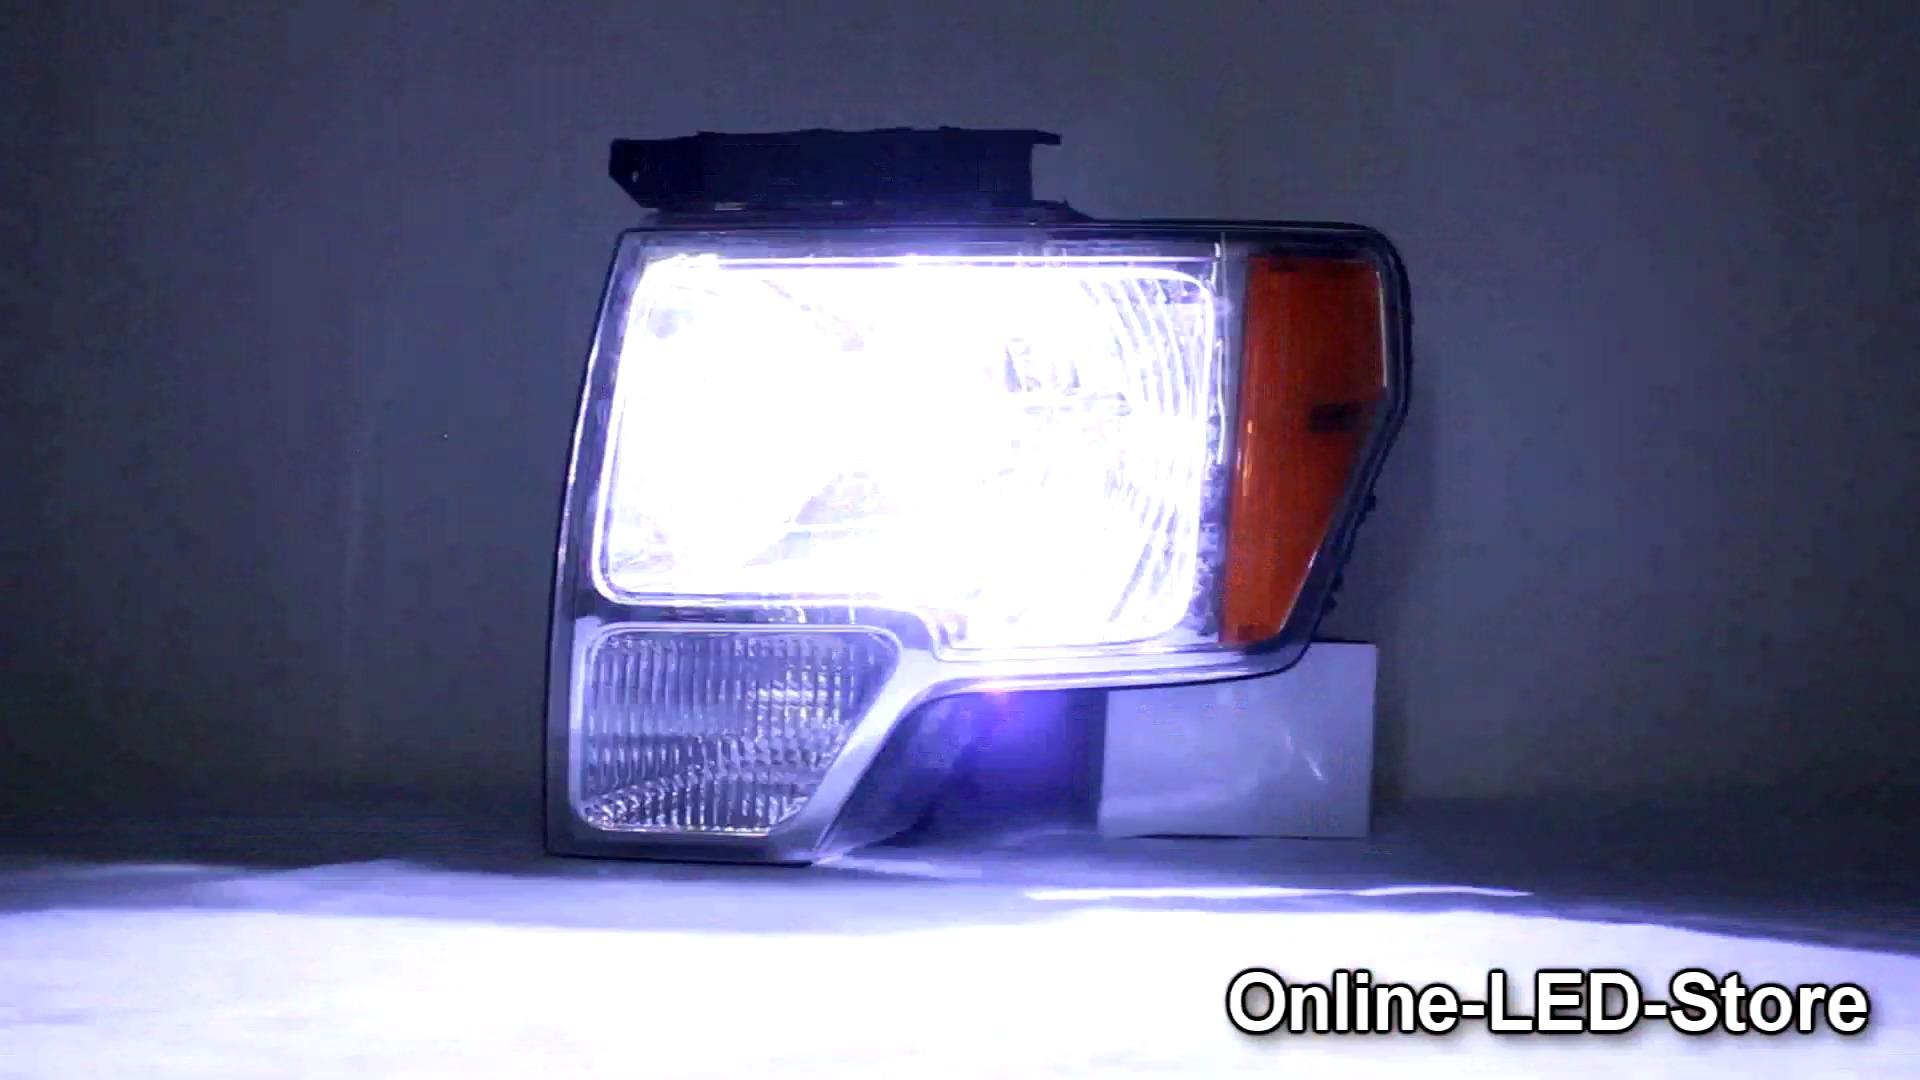 a74f1823aeb69df818f633a764082be60d863749?image_crop_resized=274x154 video gallery led vehicle lights online led store com online led store fuse box at bakdesigns.co